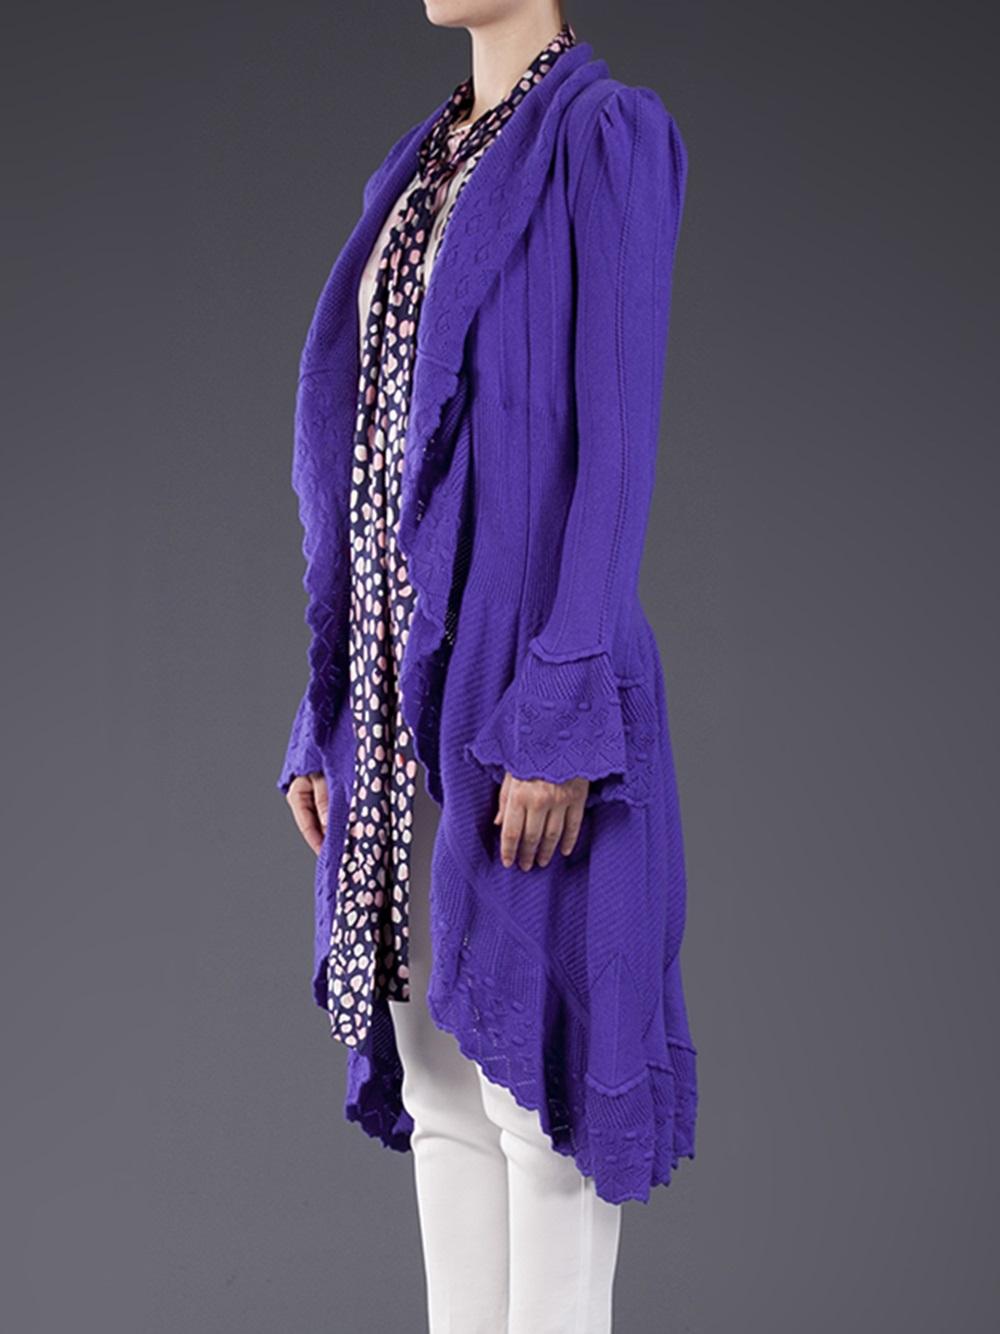 Oscar de la renta Knit Duster Cardigan in Purple | Lyst